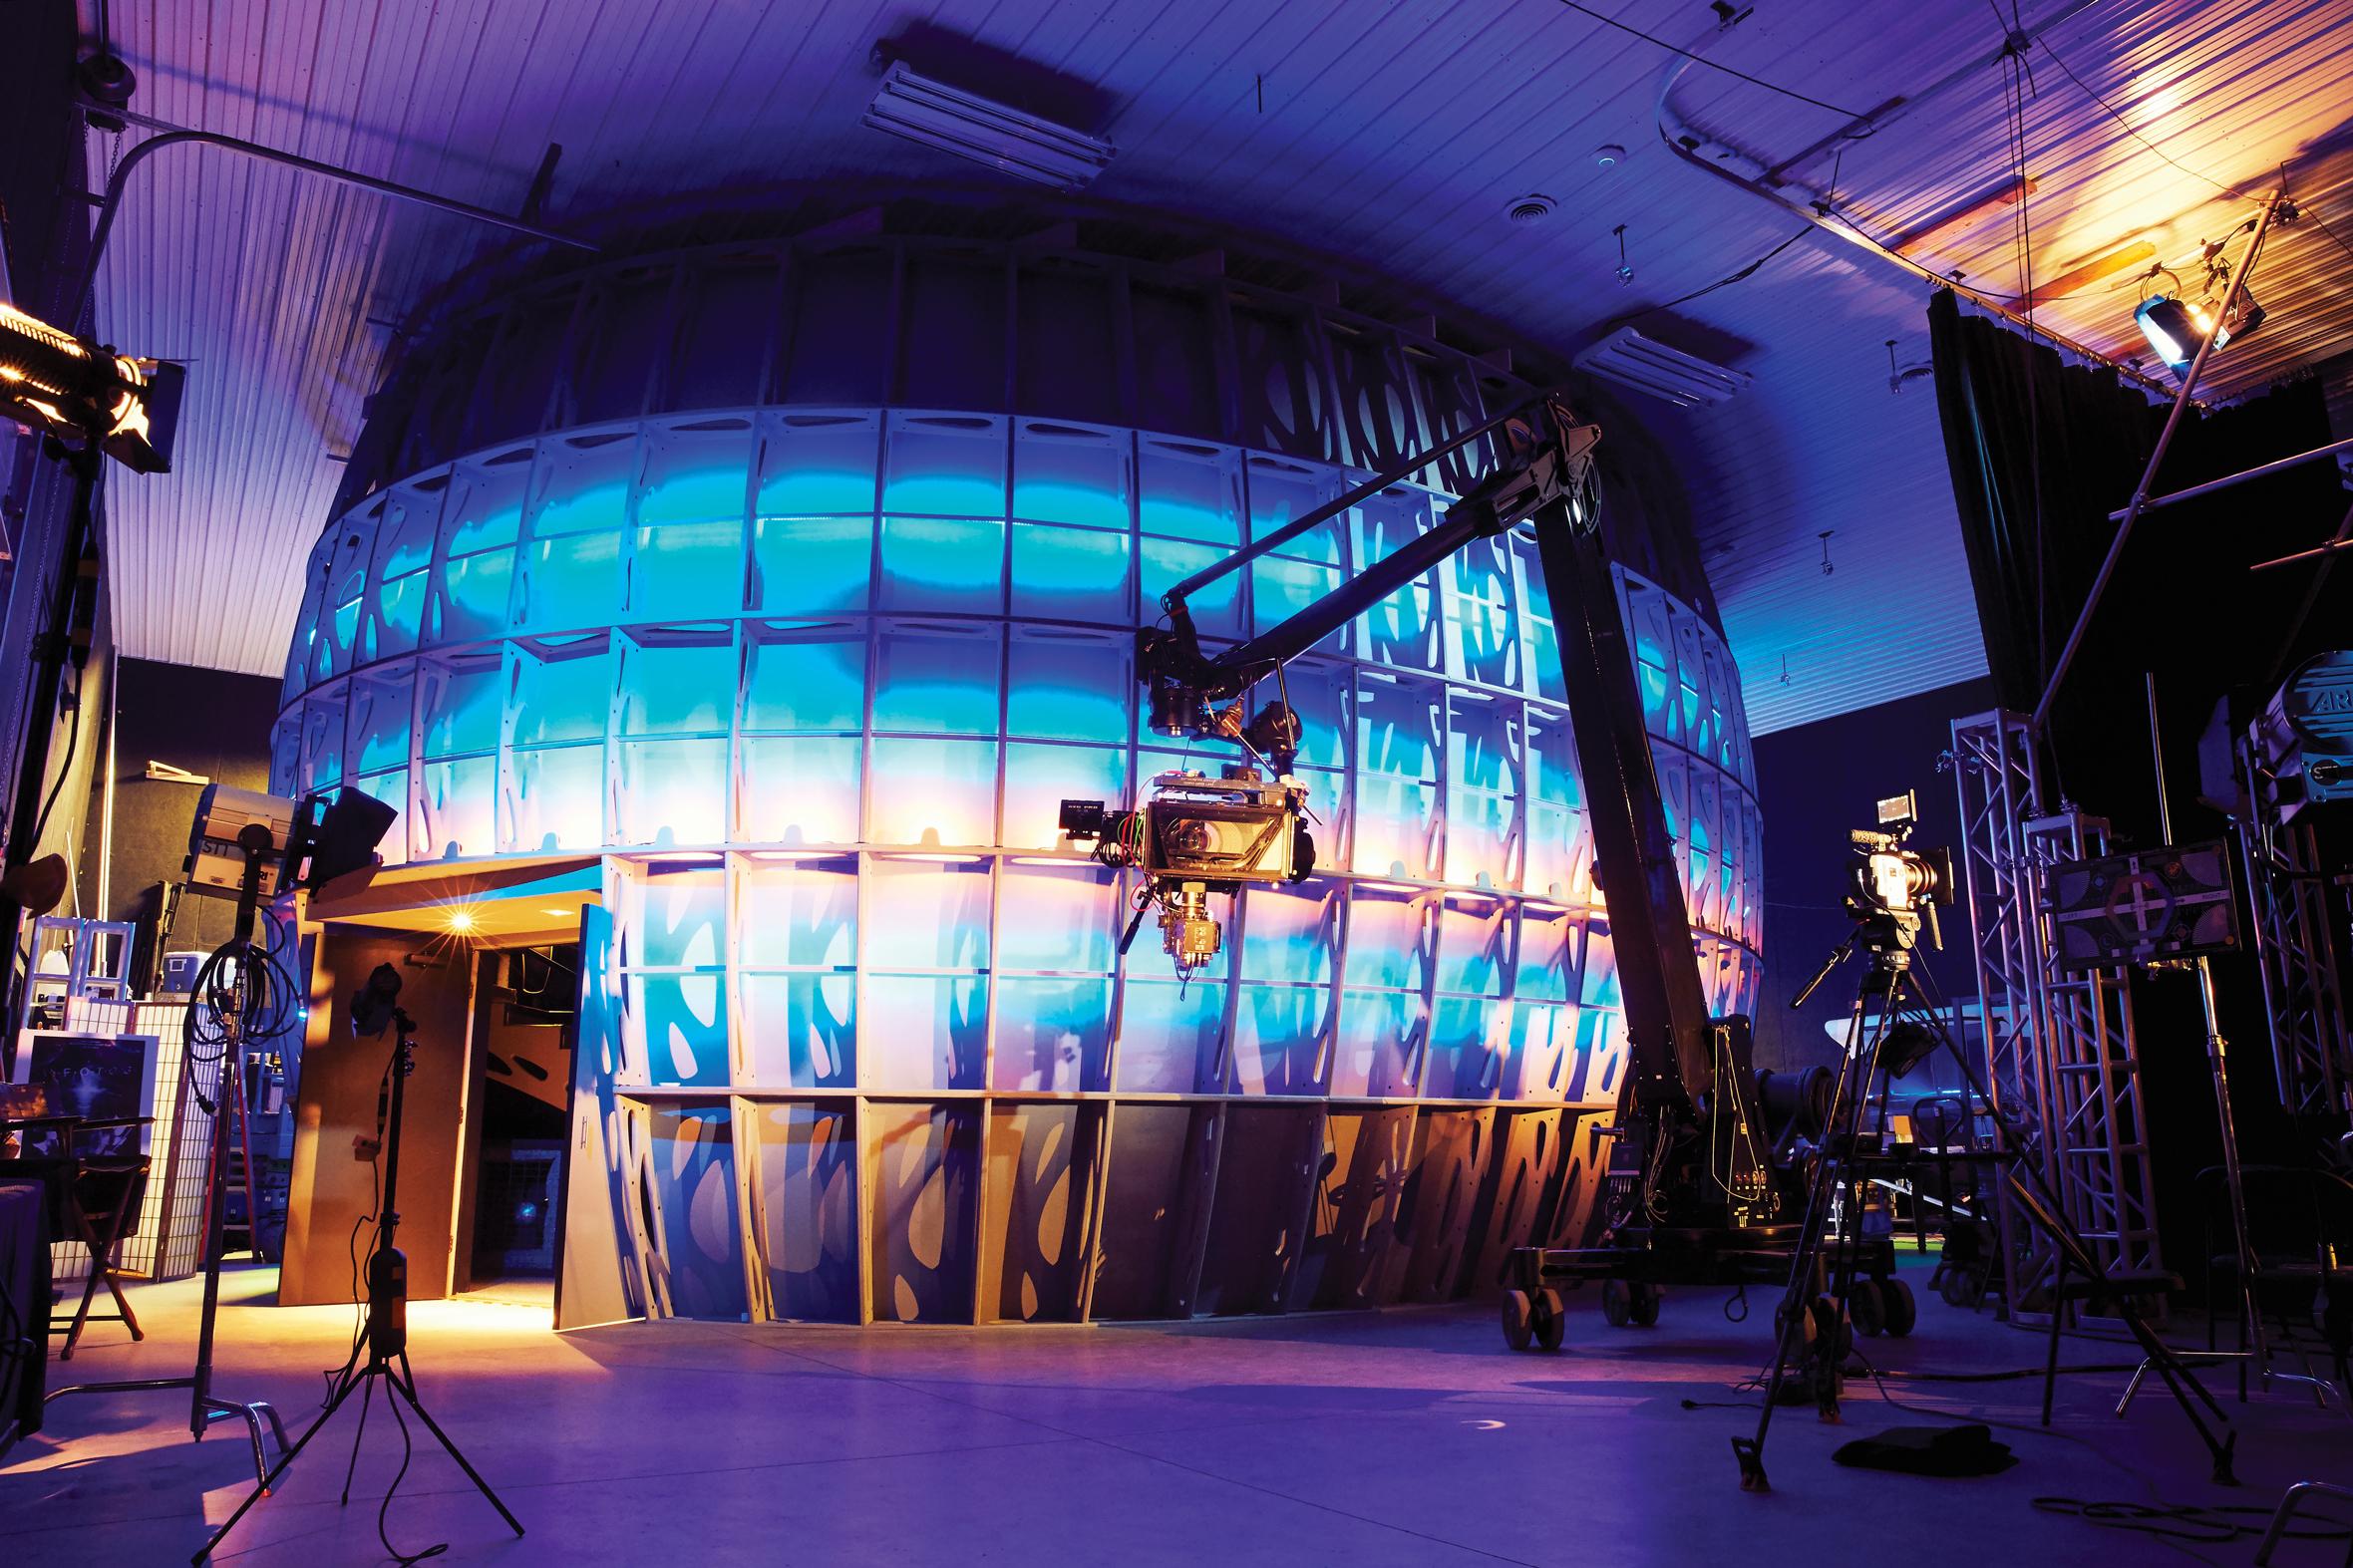 特撮映画の巨匠が発明 4K×3Dの超絶映像体験